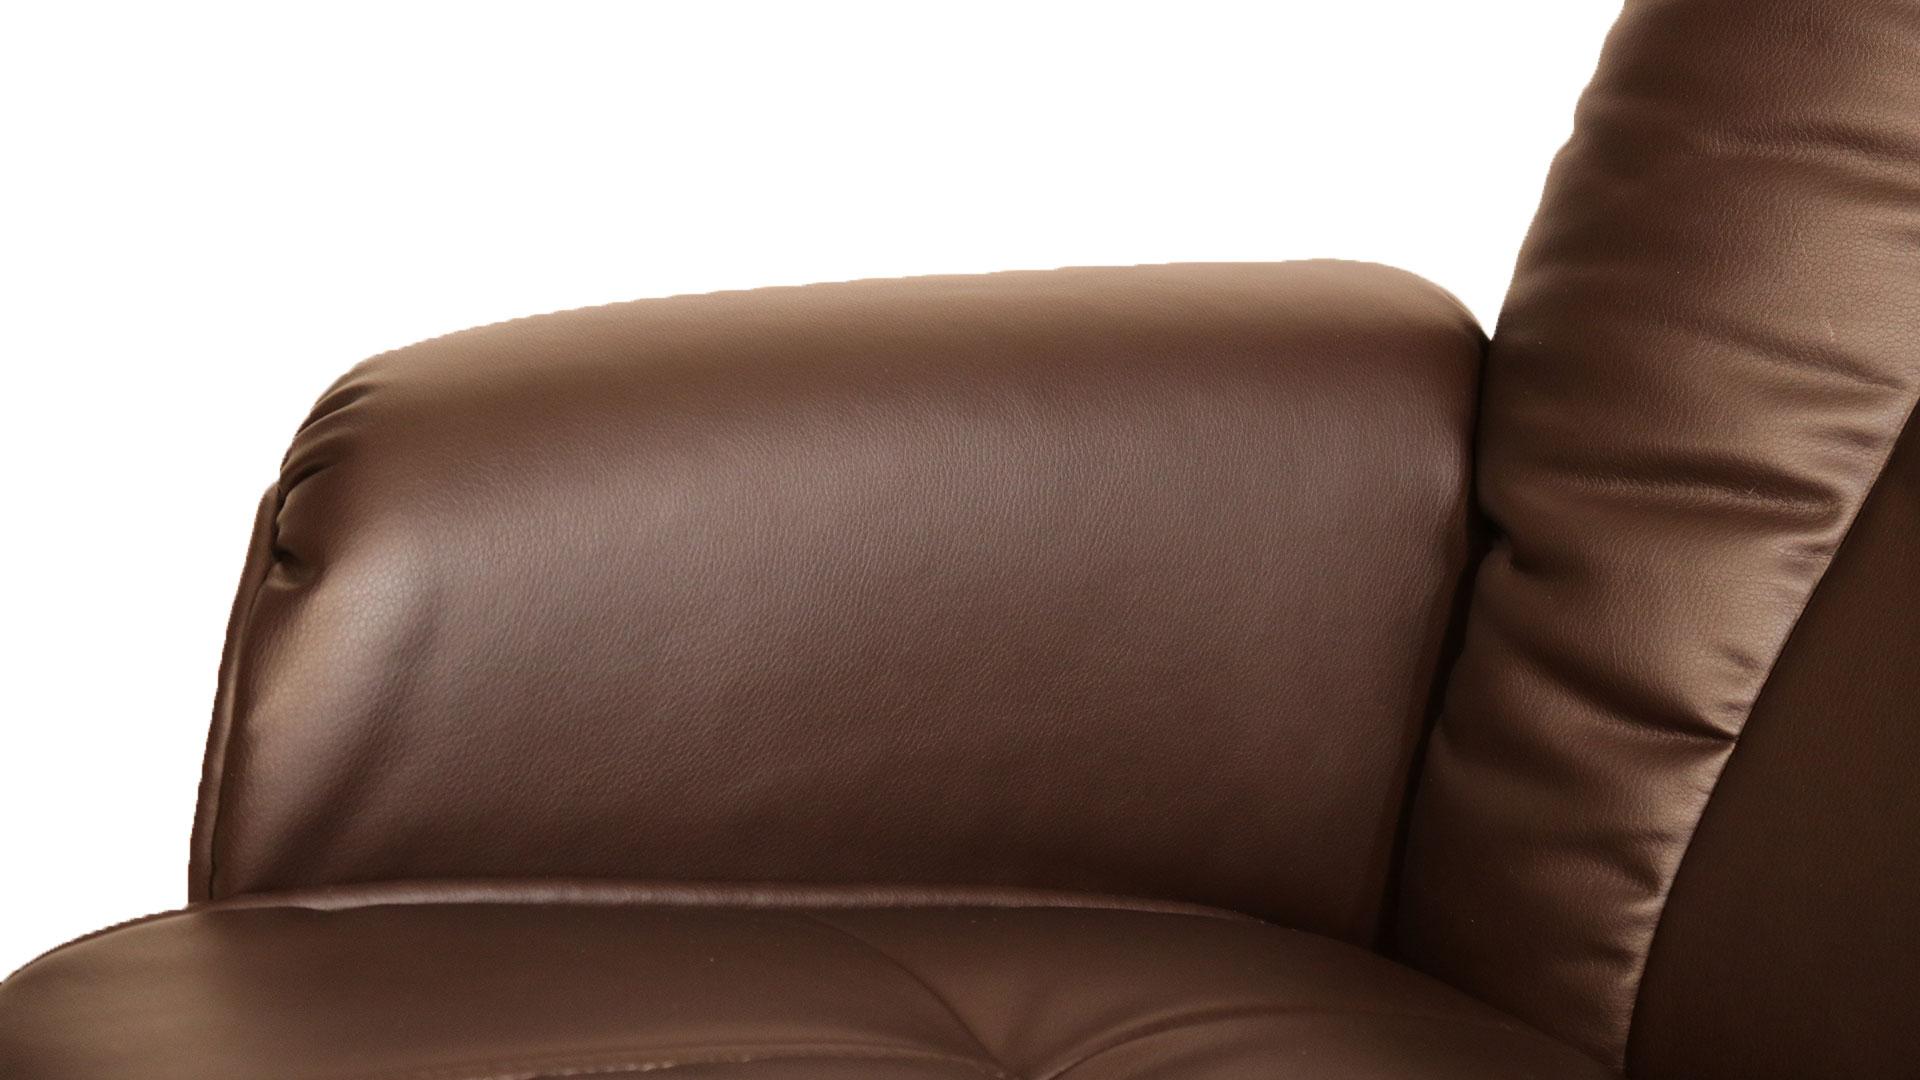 リビンズのリクライニングチェア「フローラ」の肘の部分の画像